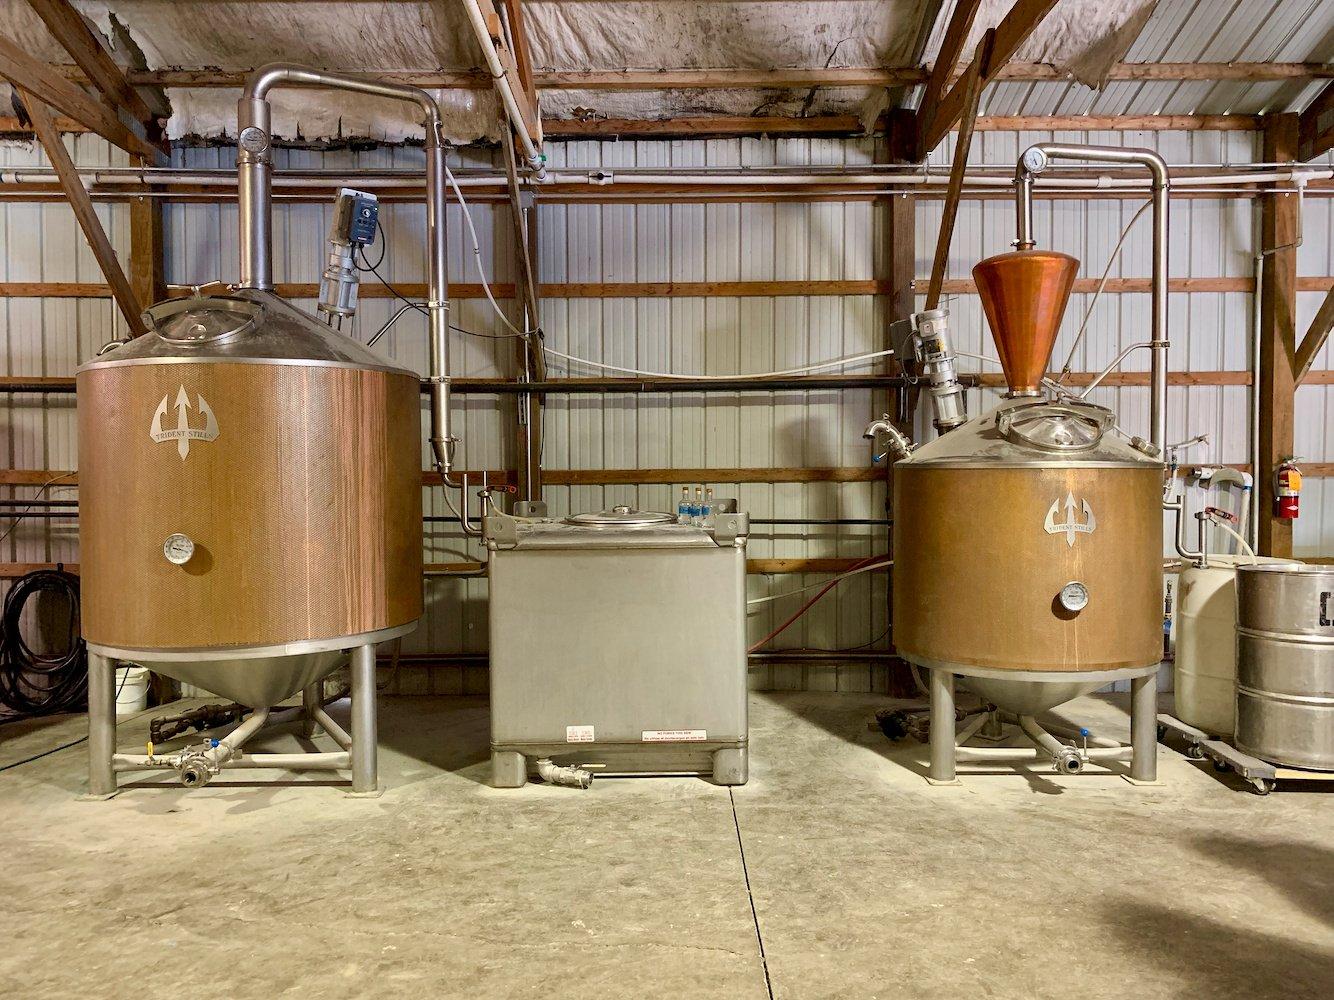 MB Roland Distillery Stills